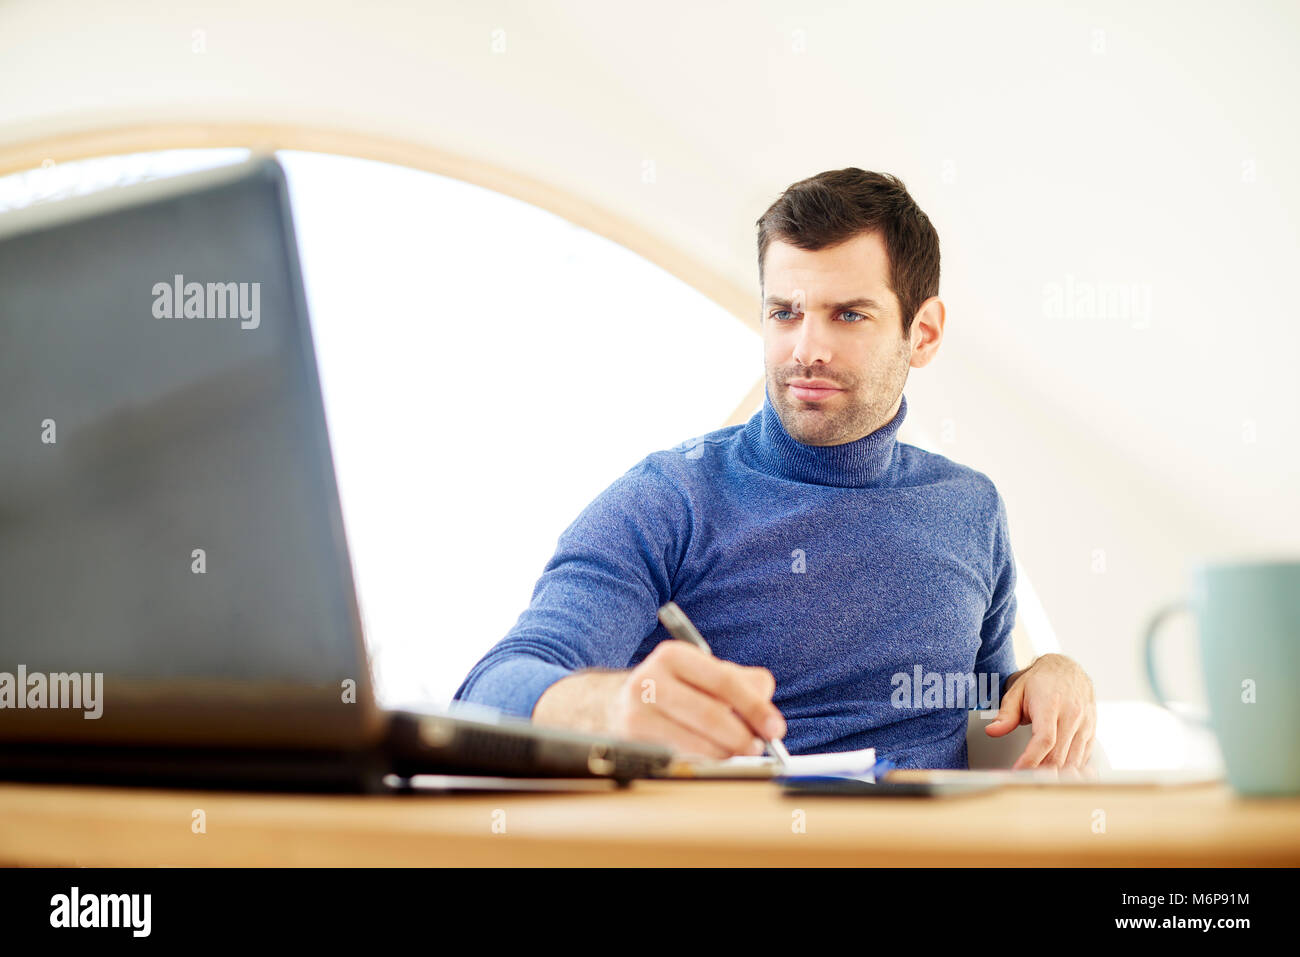 Ritratto di giovane casual uomo turtleneck indossa un maglione e guardando thoughtul mentre si lavora onl laptop Immagini Stock